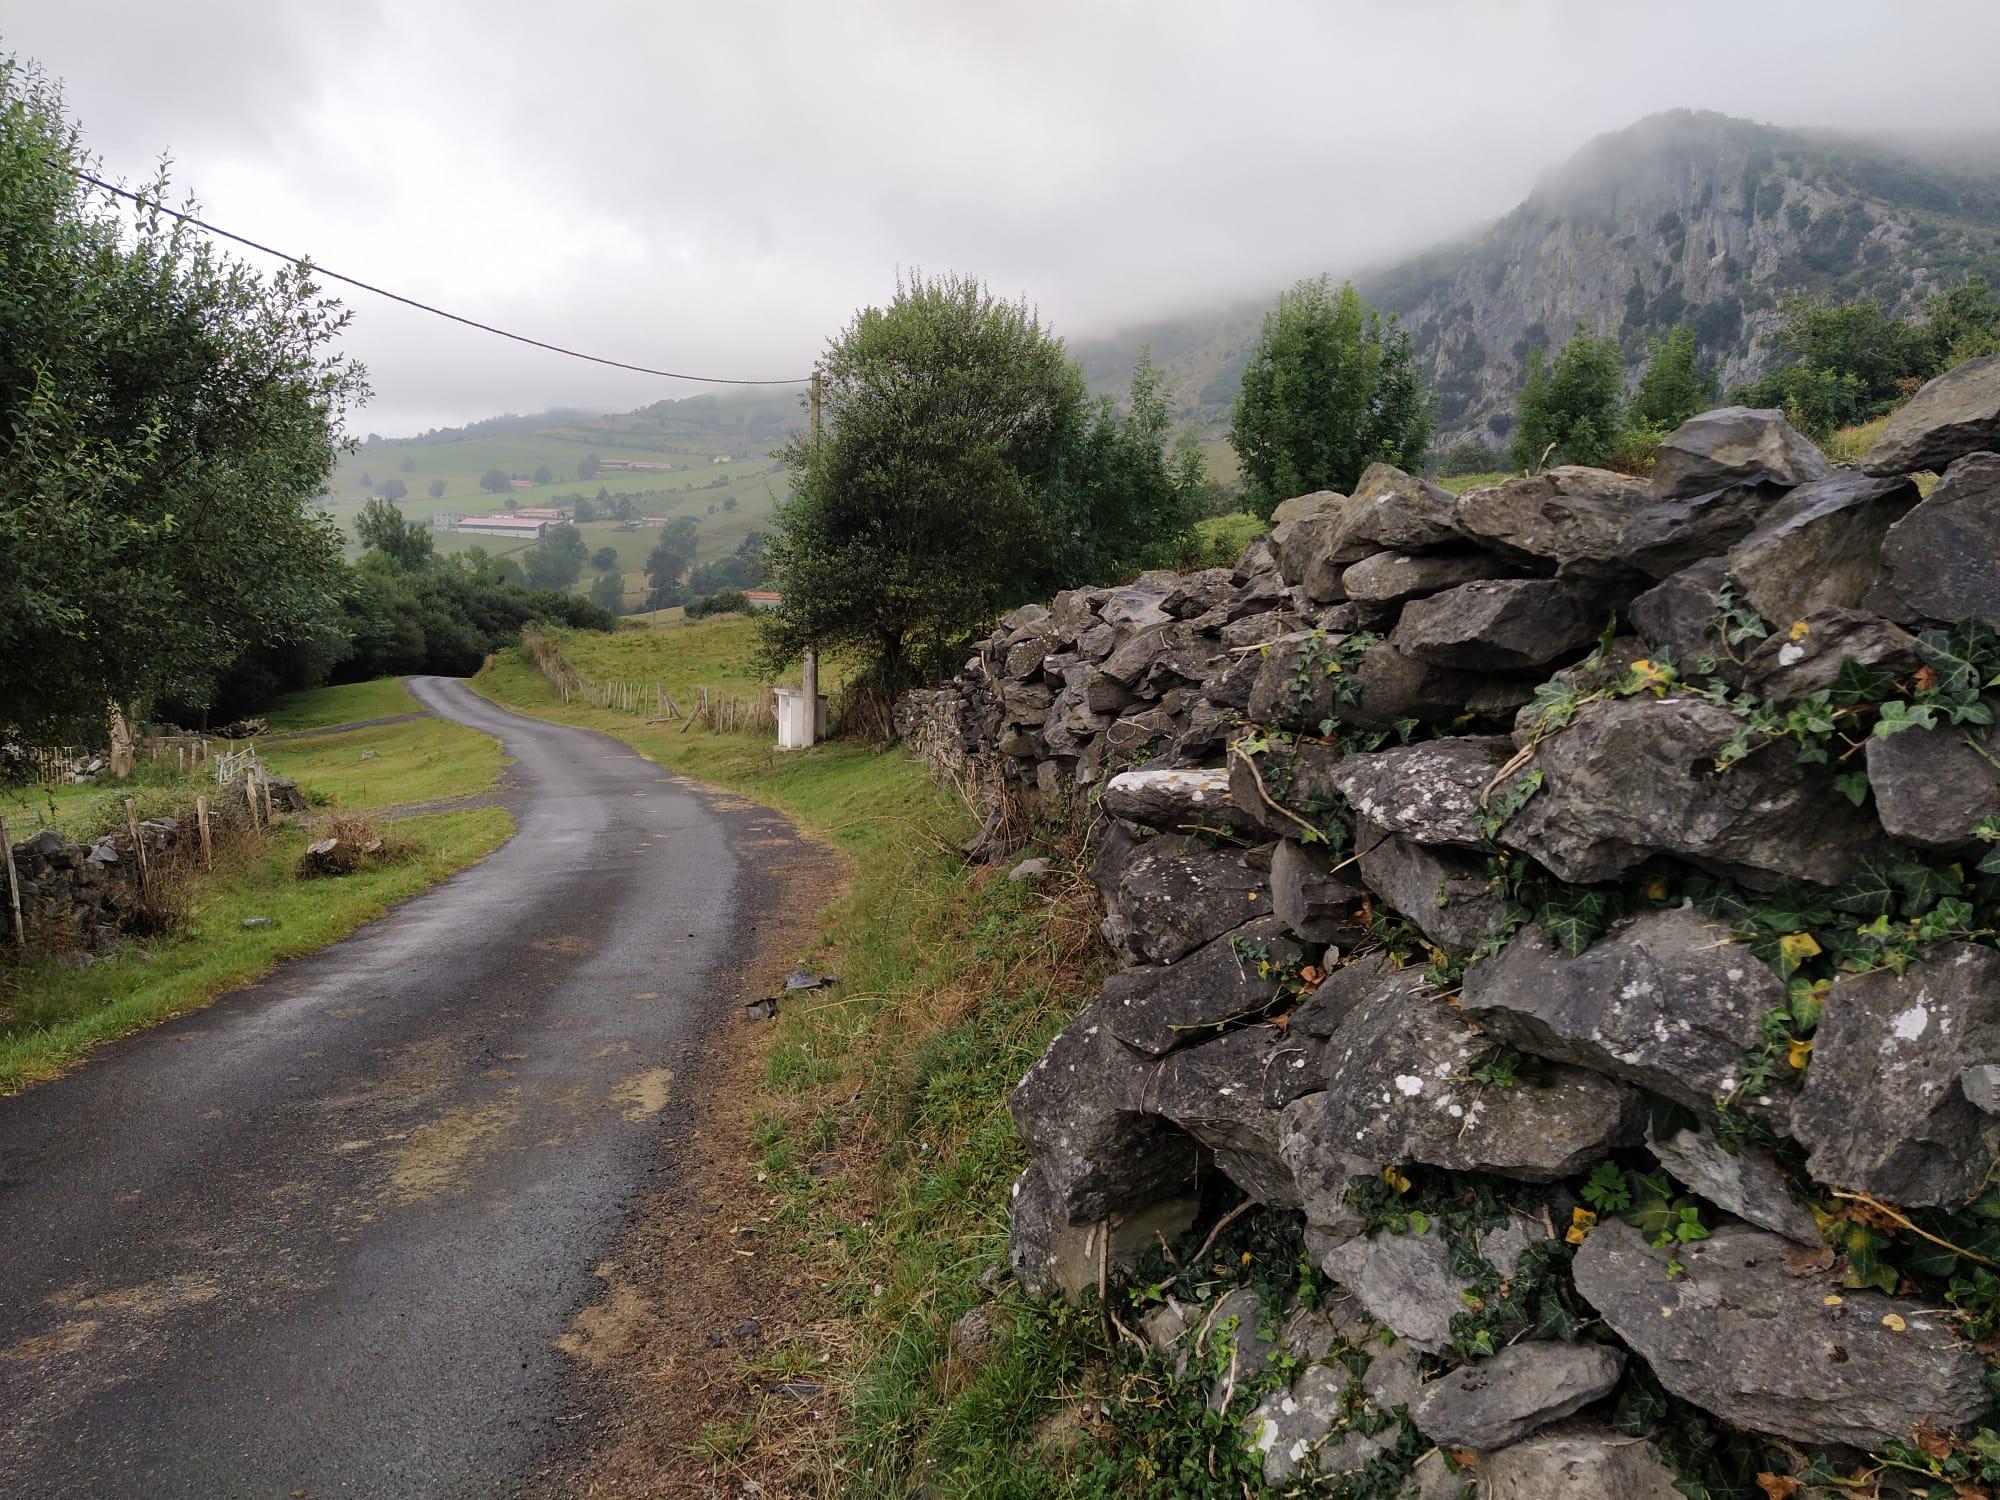 Valle de Soba, Cantabria. Fuente: Miryam Tejada